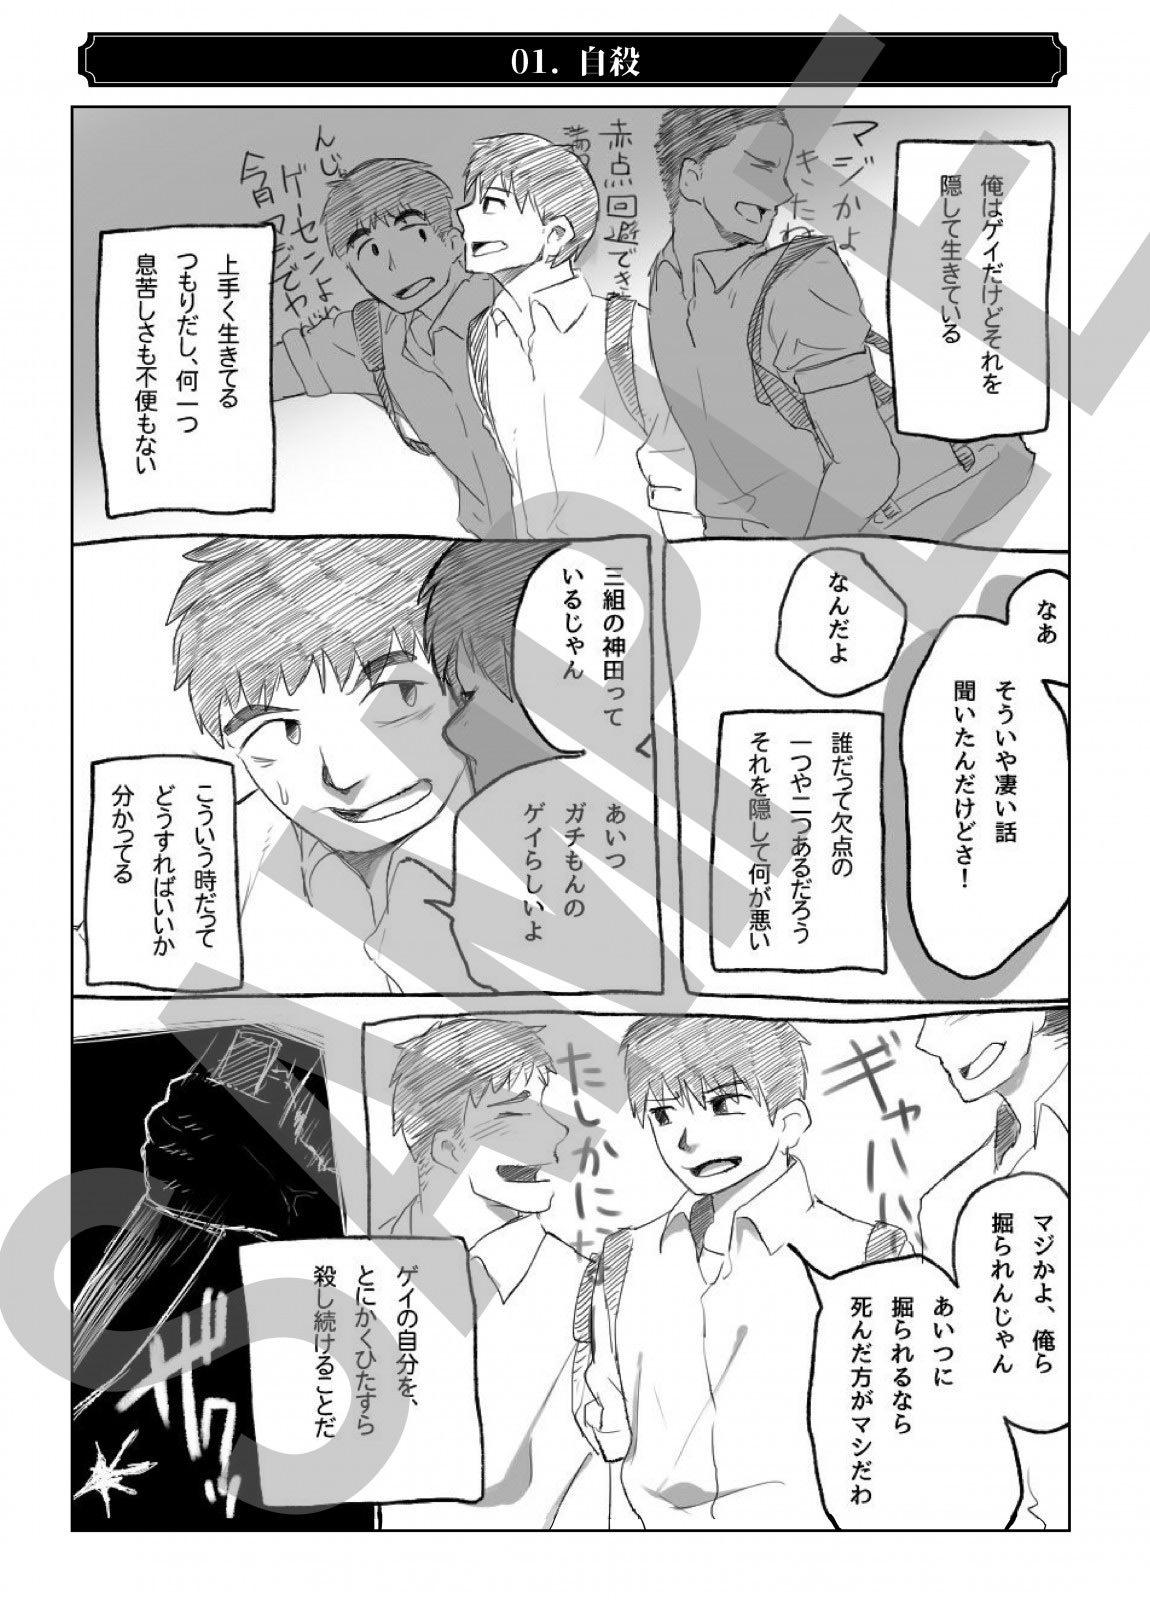 [づんづん本舗] の【づんコレ!総集編】